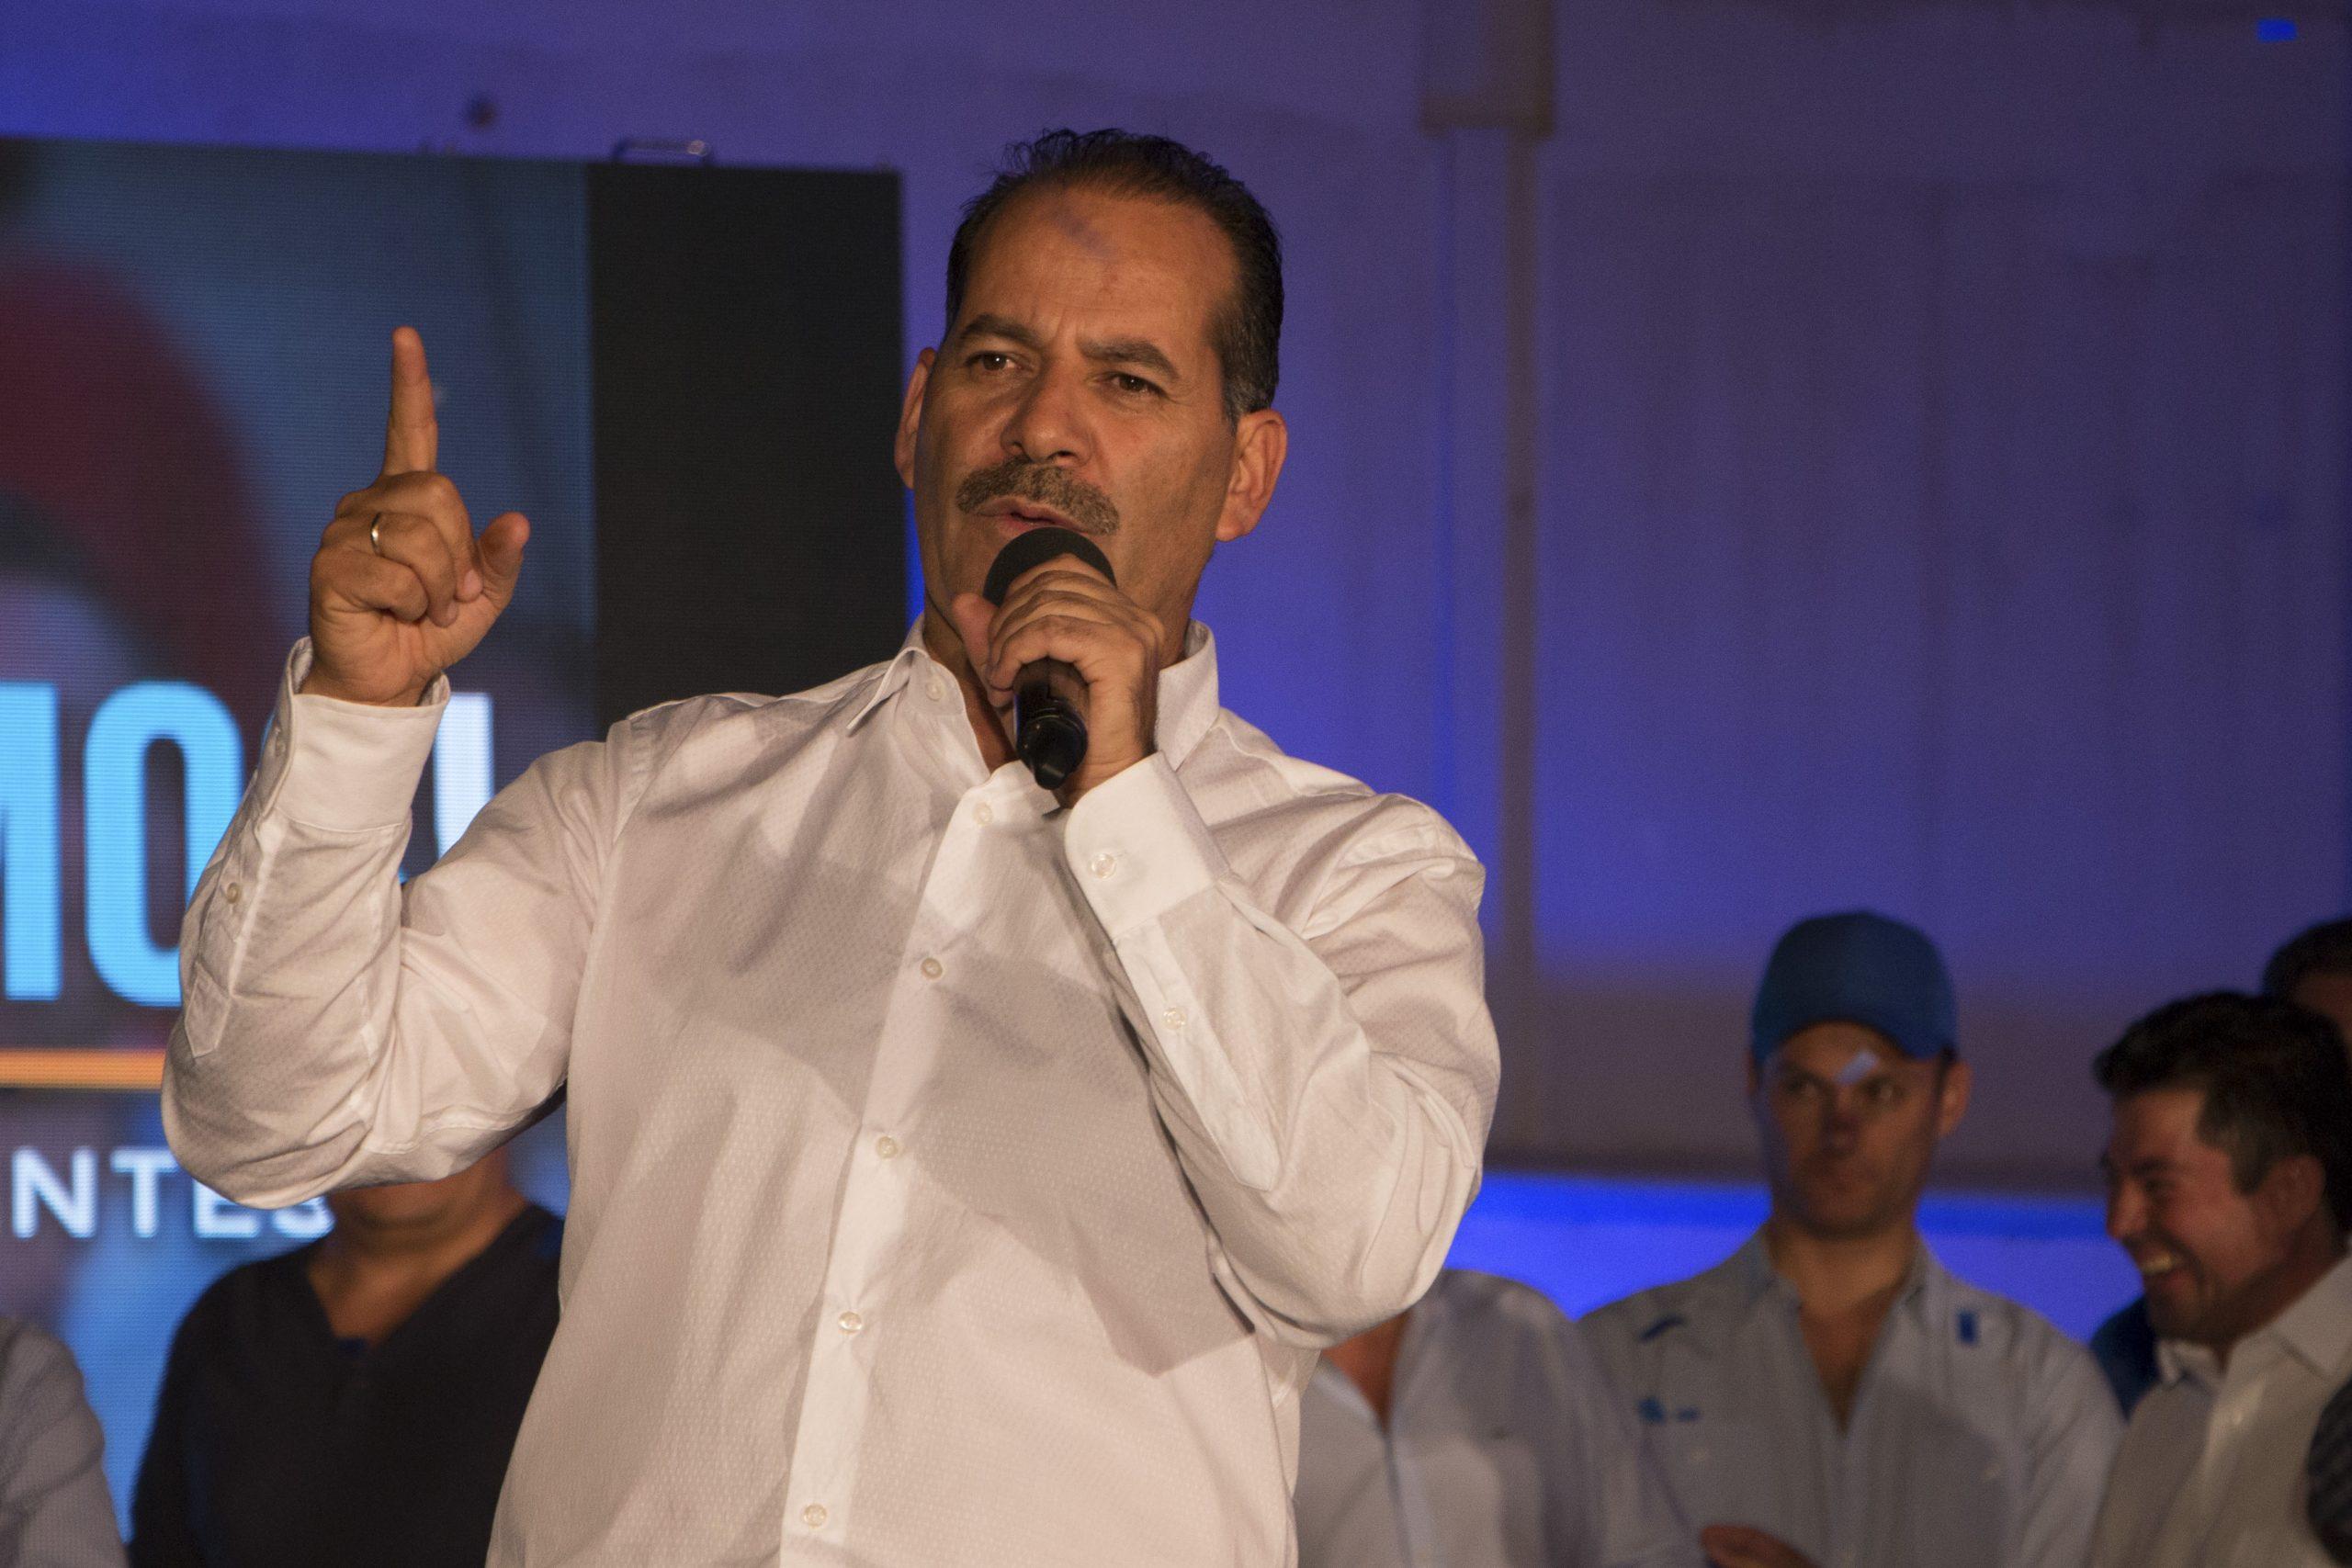 'Chingada' no fue la palabra adecuada: Gobernador de Aguascalientes